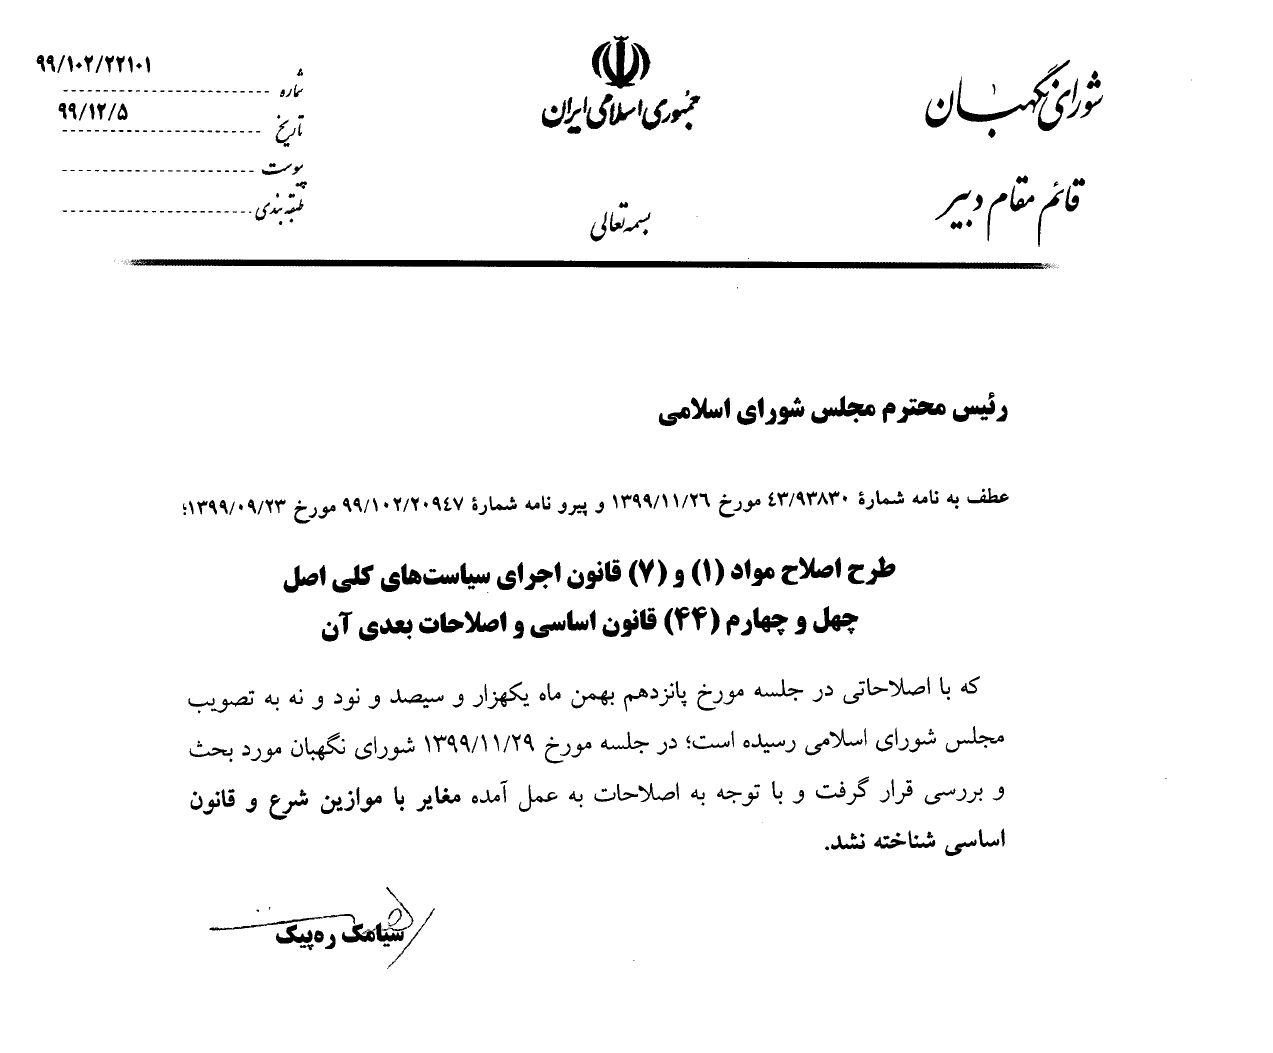 خط پایانی بر انحصار ۶۵ ساله وکالت/ با تأیید شورای نگهبان وکالت کسب و کار شناخته شد